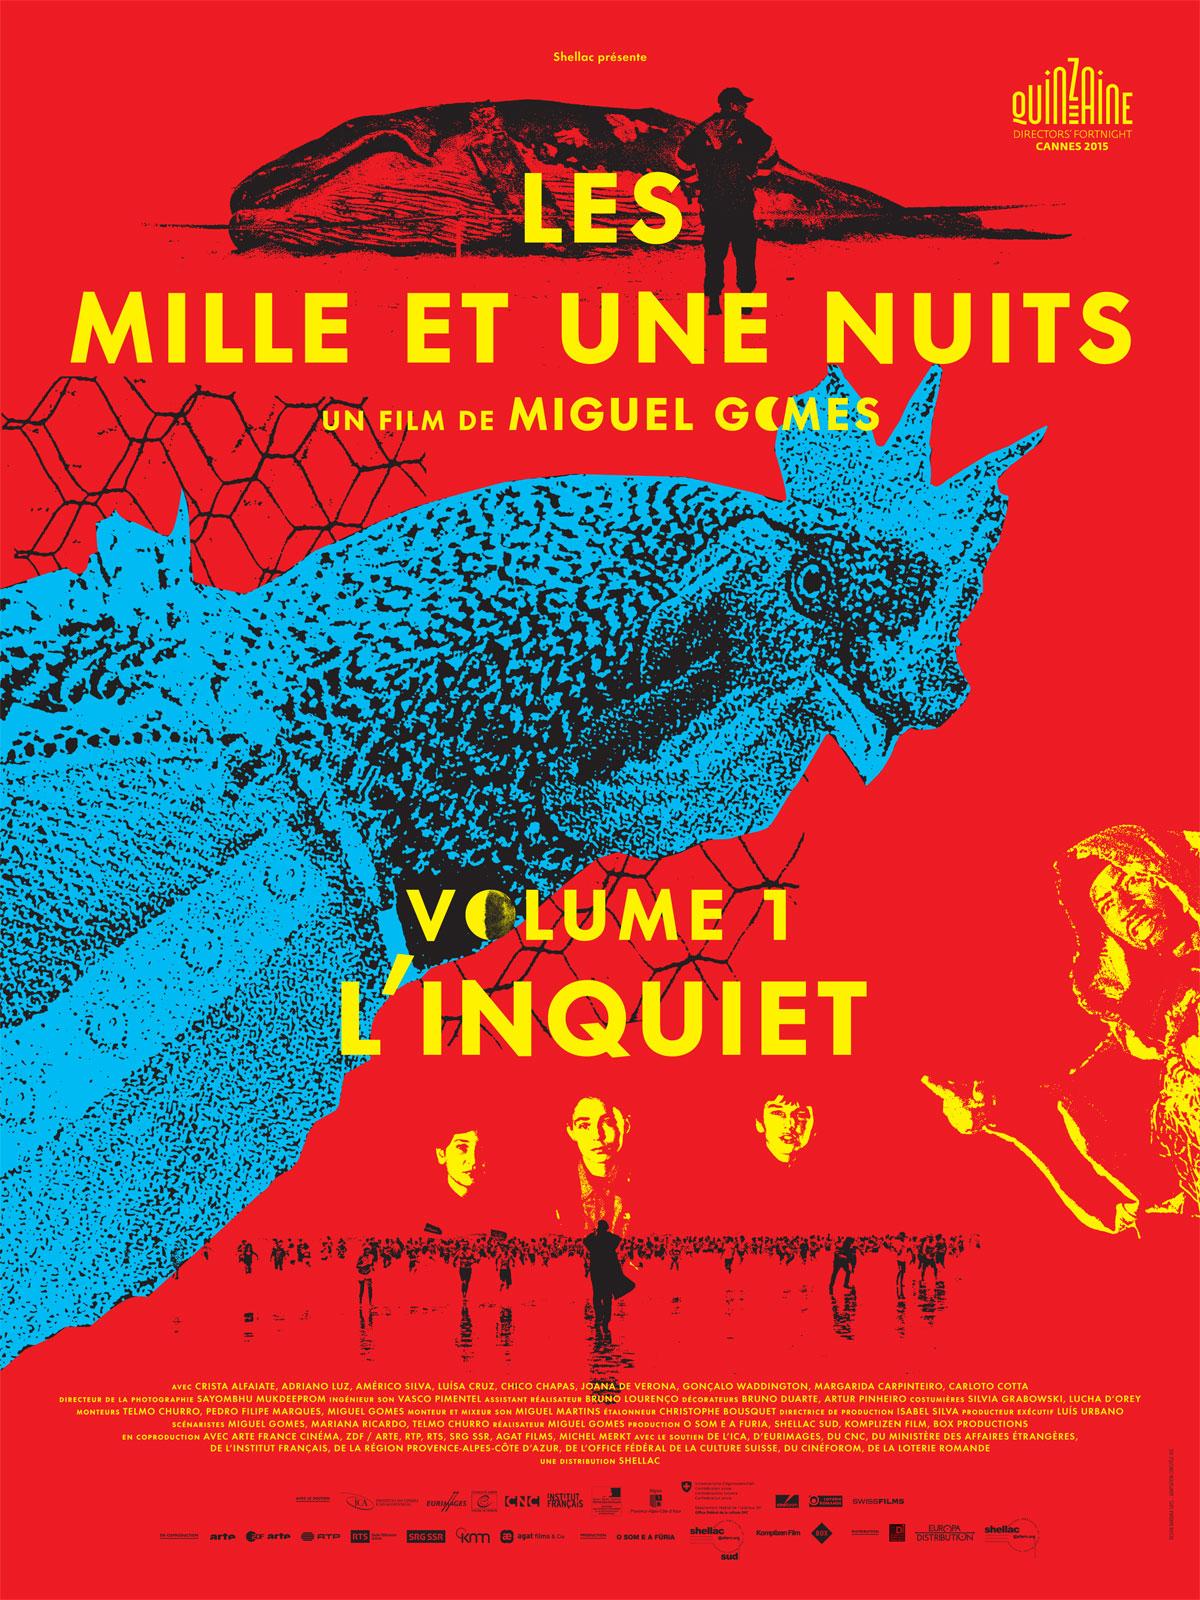 Les mille et une nuits, 1er volume, L'Inquiet